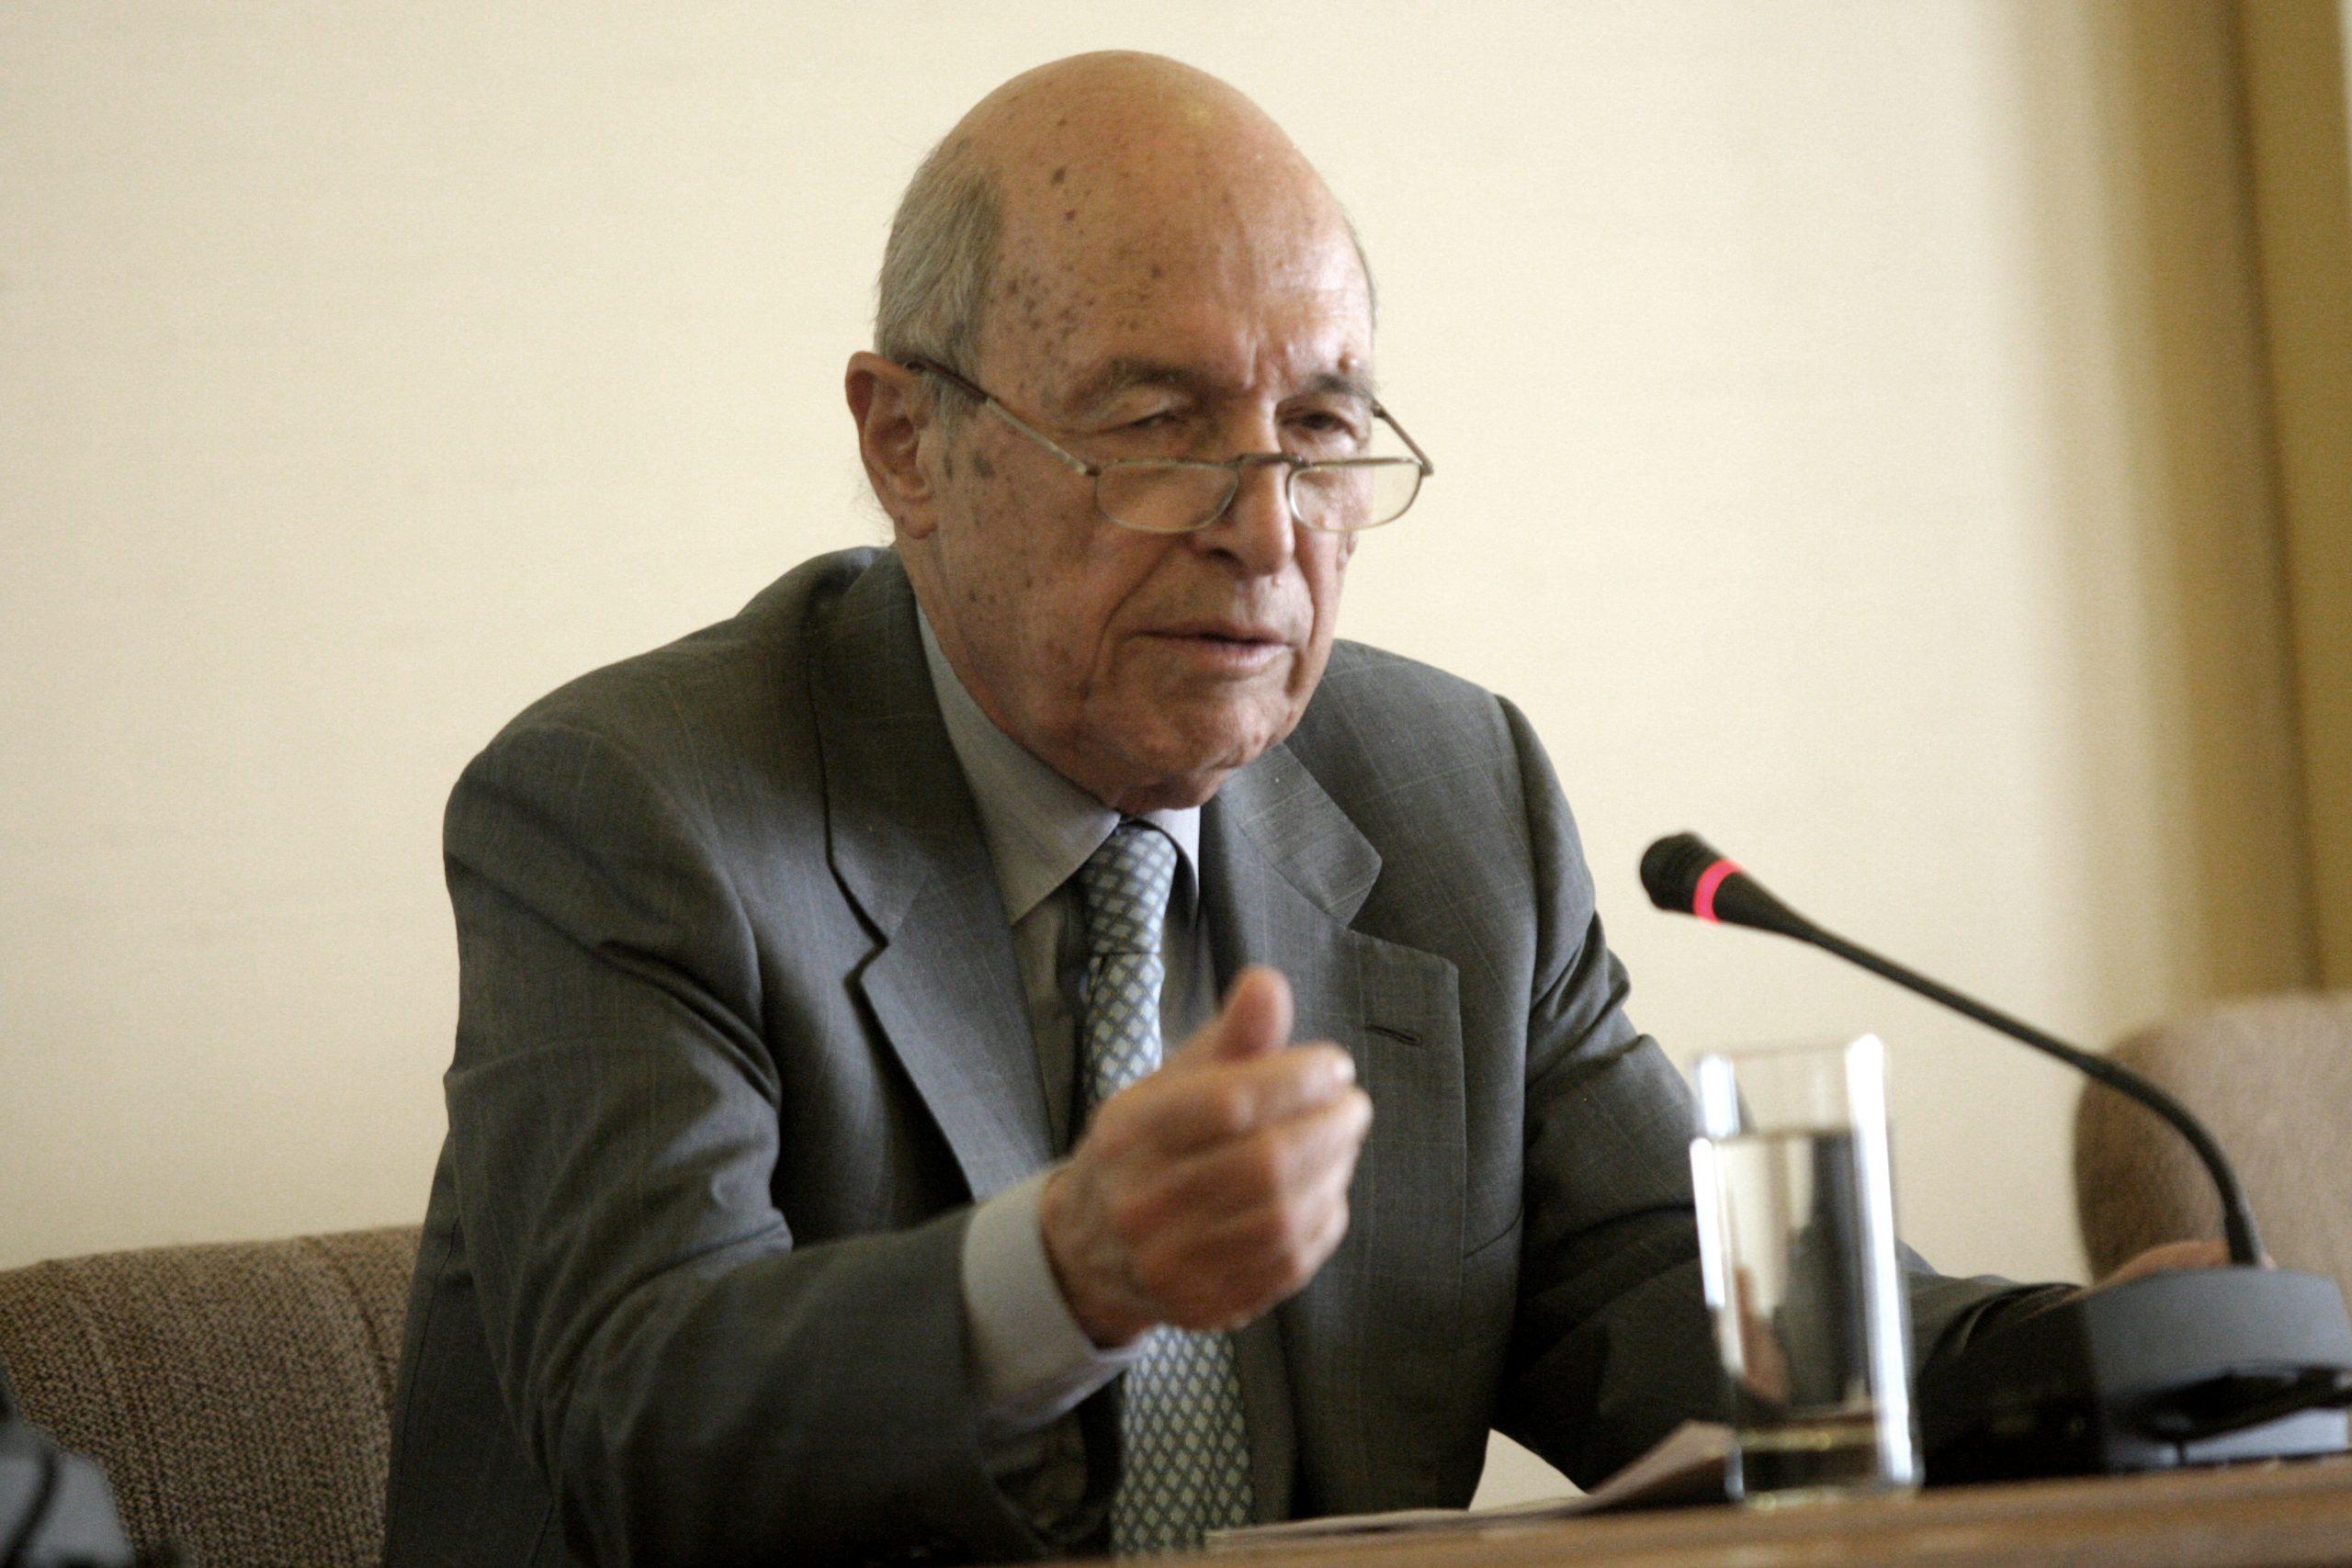 Π. Νεάρχου: Το έγκλημα του Σημιτισμού που παρουσιάσθηκε ως δήθεν «εκσυγχρονισμός»